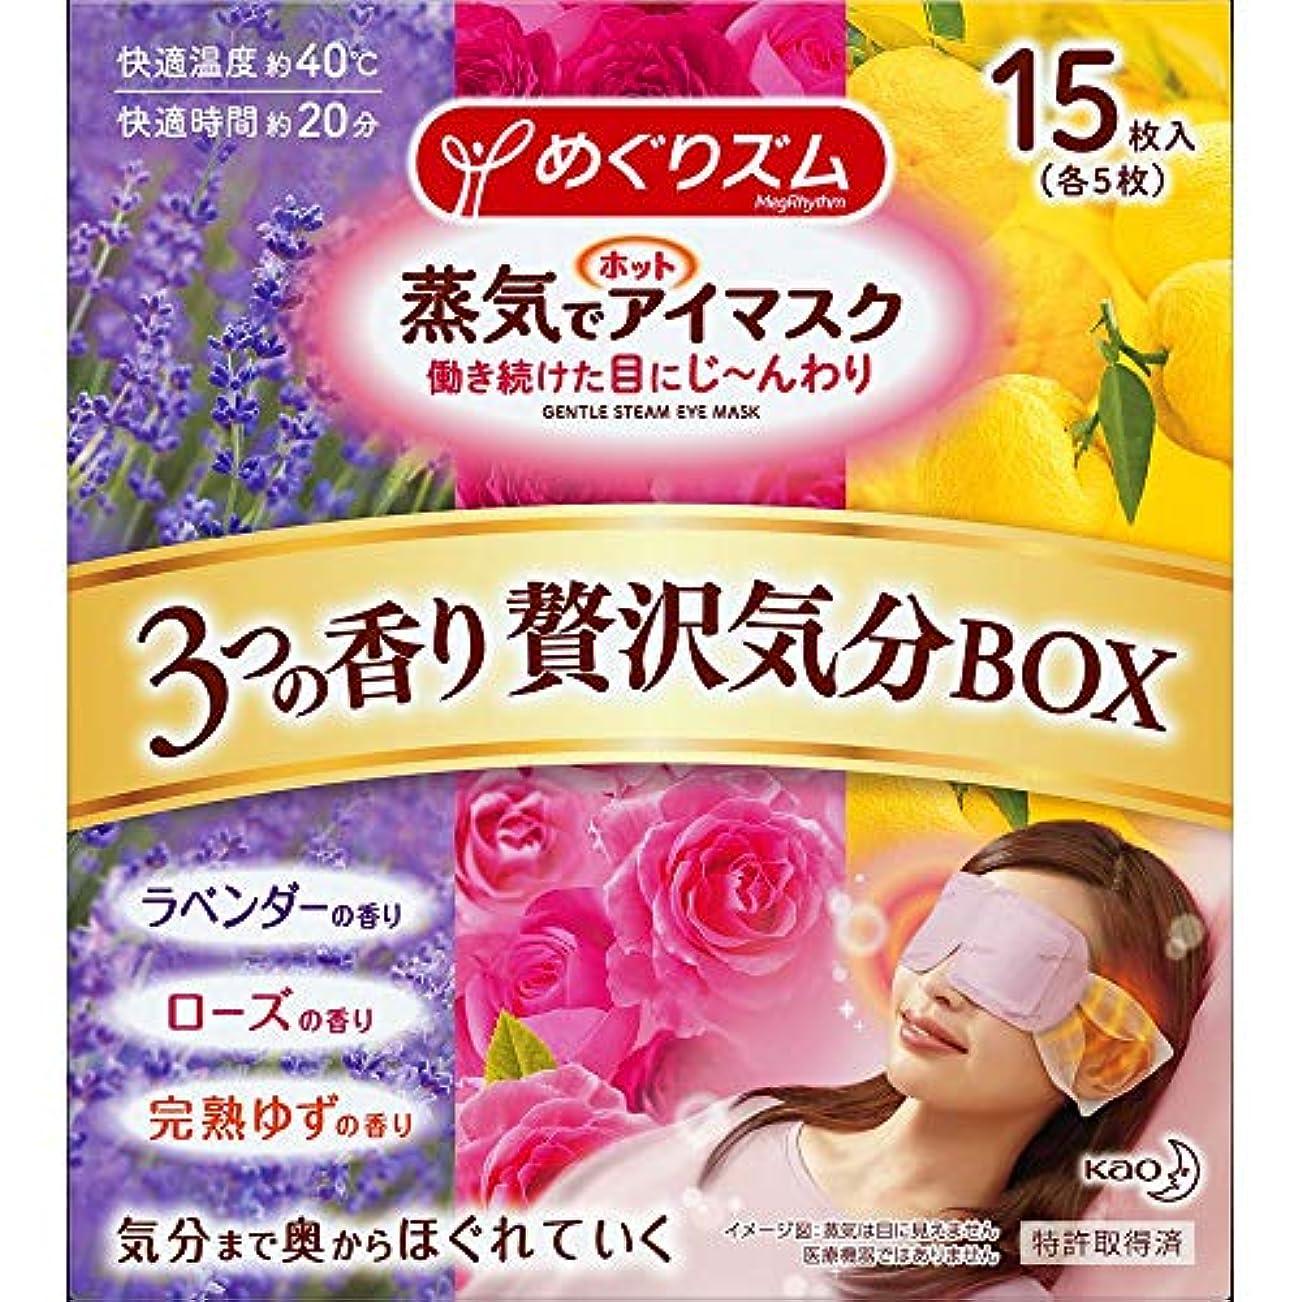 ソフィーおモトリー【数量限定】めぐりズム 蒸気でホットアイマスク アソートBOX(ラベンダーの香り、完熟ゆずの香り、ローズの香り各5枚) 15枚入